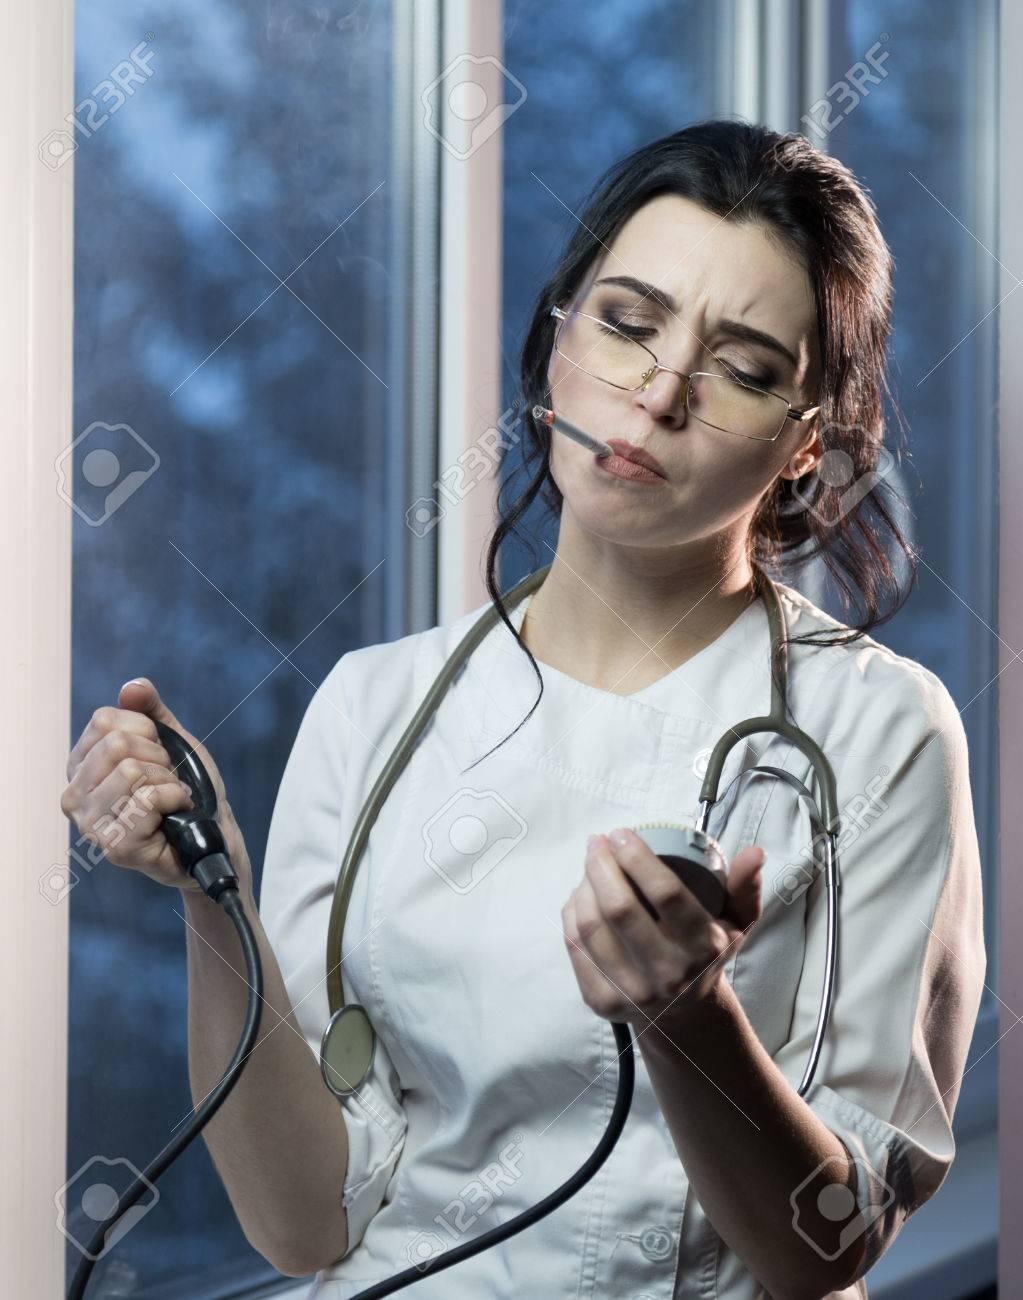 https://previews.123rf.com/images/studio2sim/studio2sim1704/studio2sim170400008/75682224-brunette-freche-weibliche-krankenschwester-in-uniform-die-eine-zigarette-ma%C3%9Fnahmen-den-blutdruck-rauc.jpg